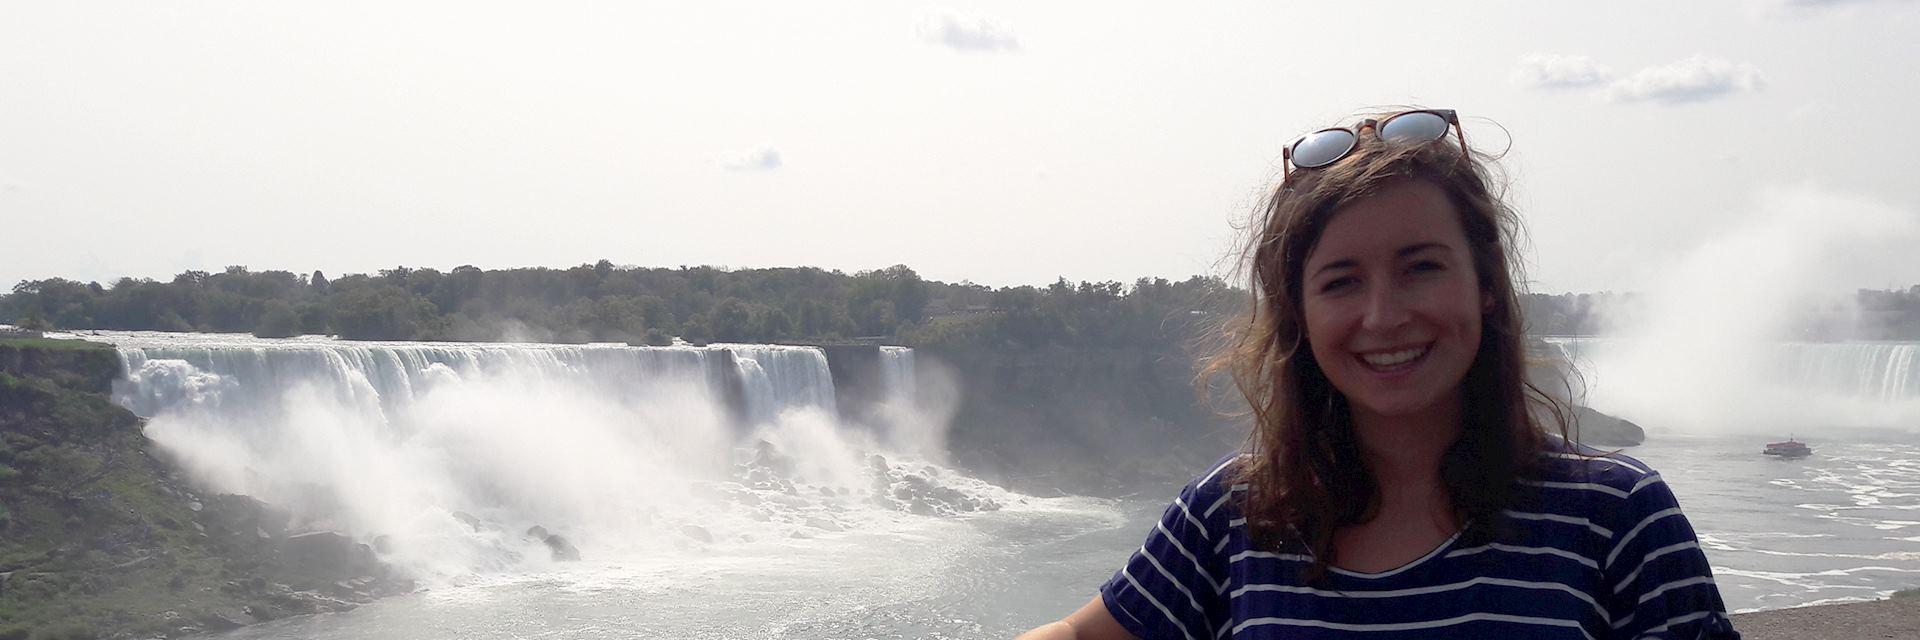 Nathalie visiting Niagara Falls, Canada